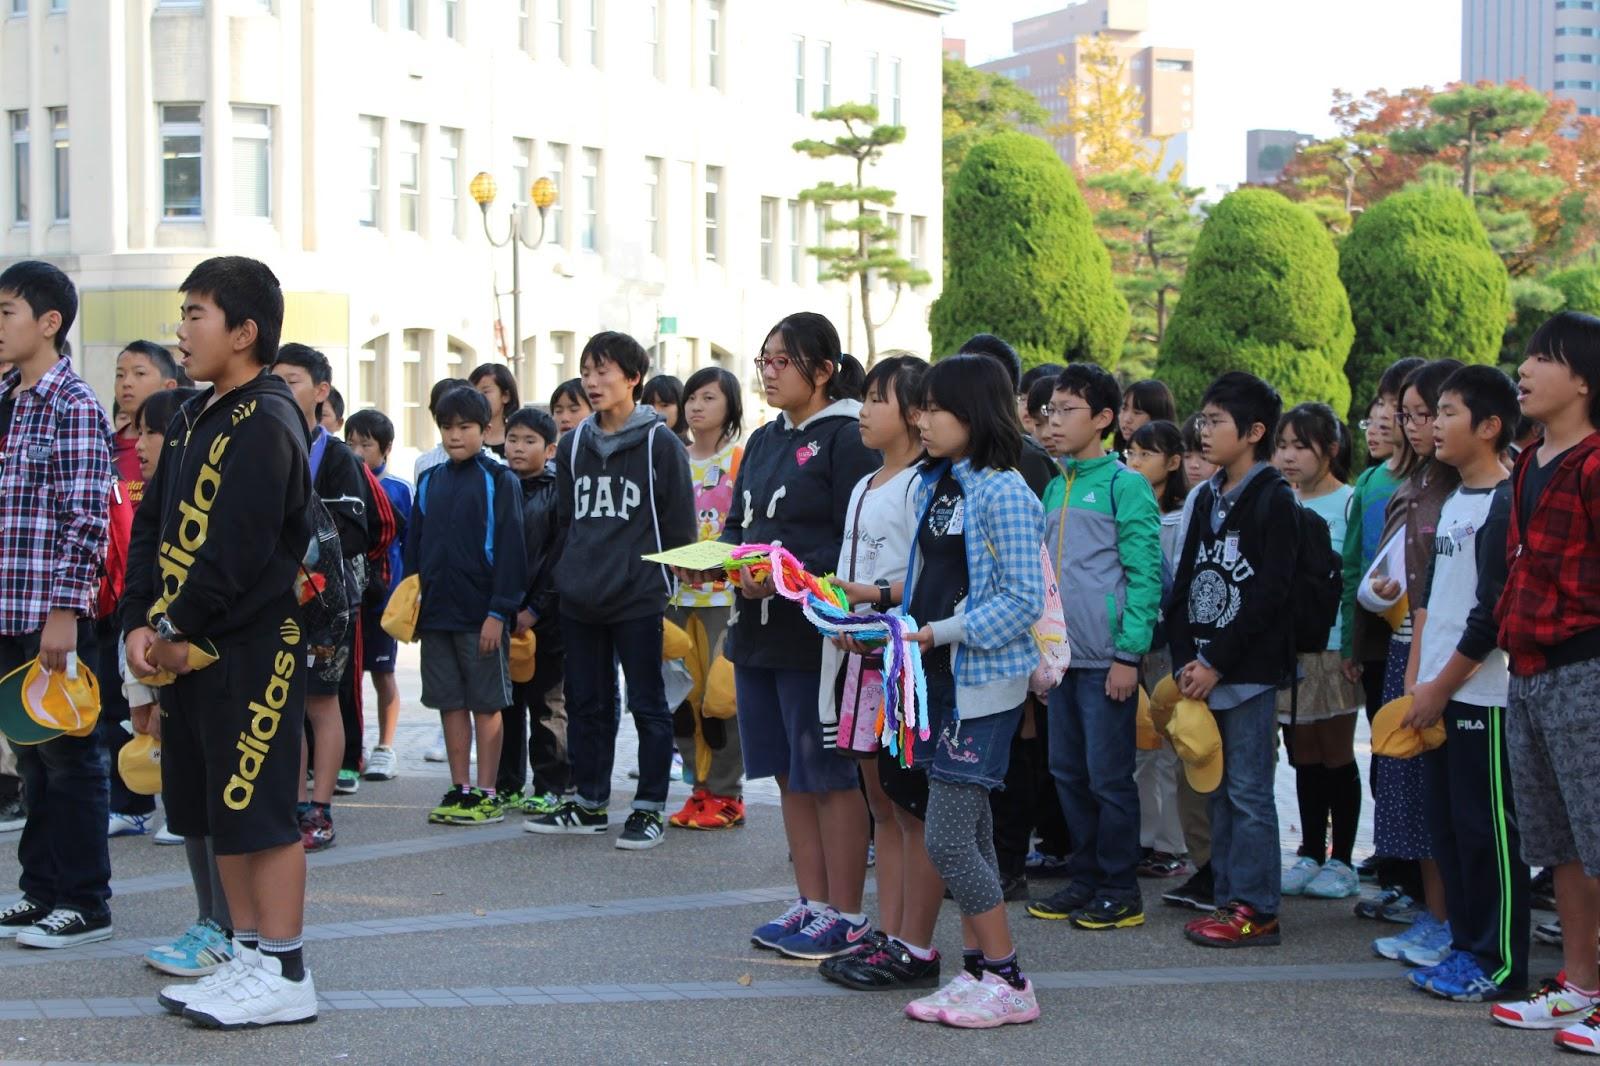 Topsyturvydom Big In Japan 5